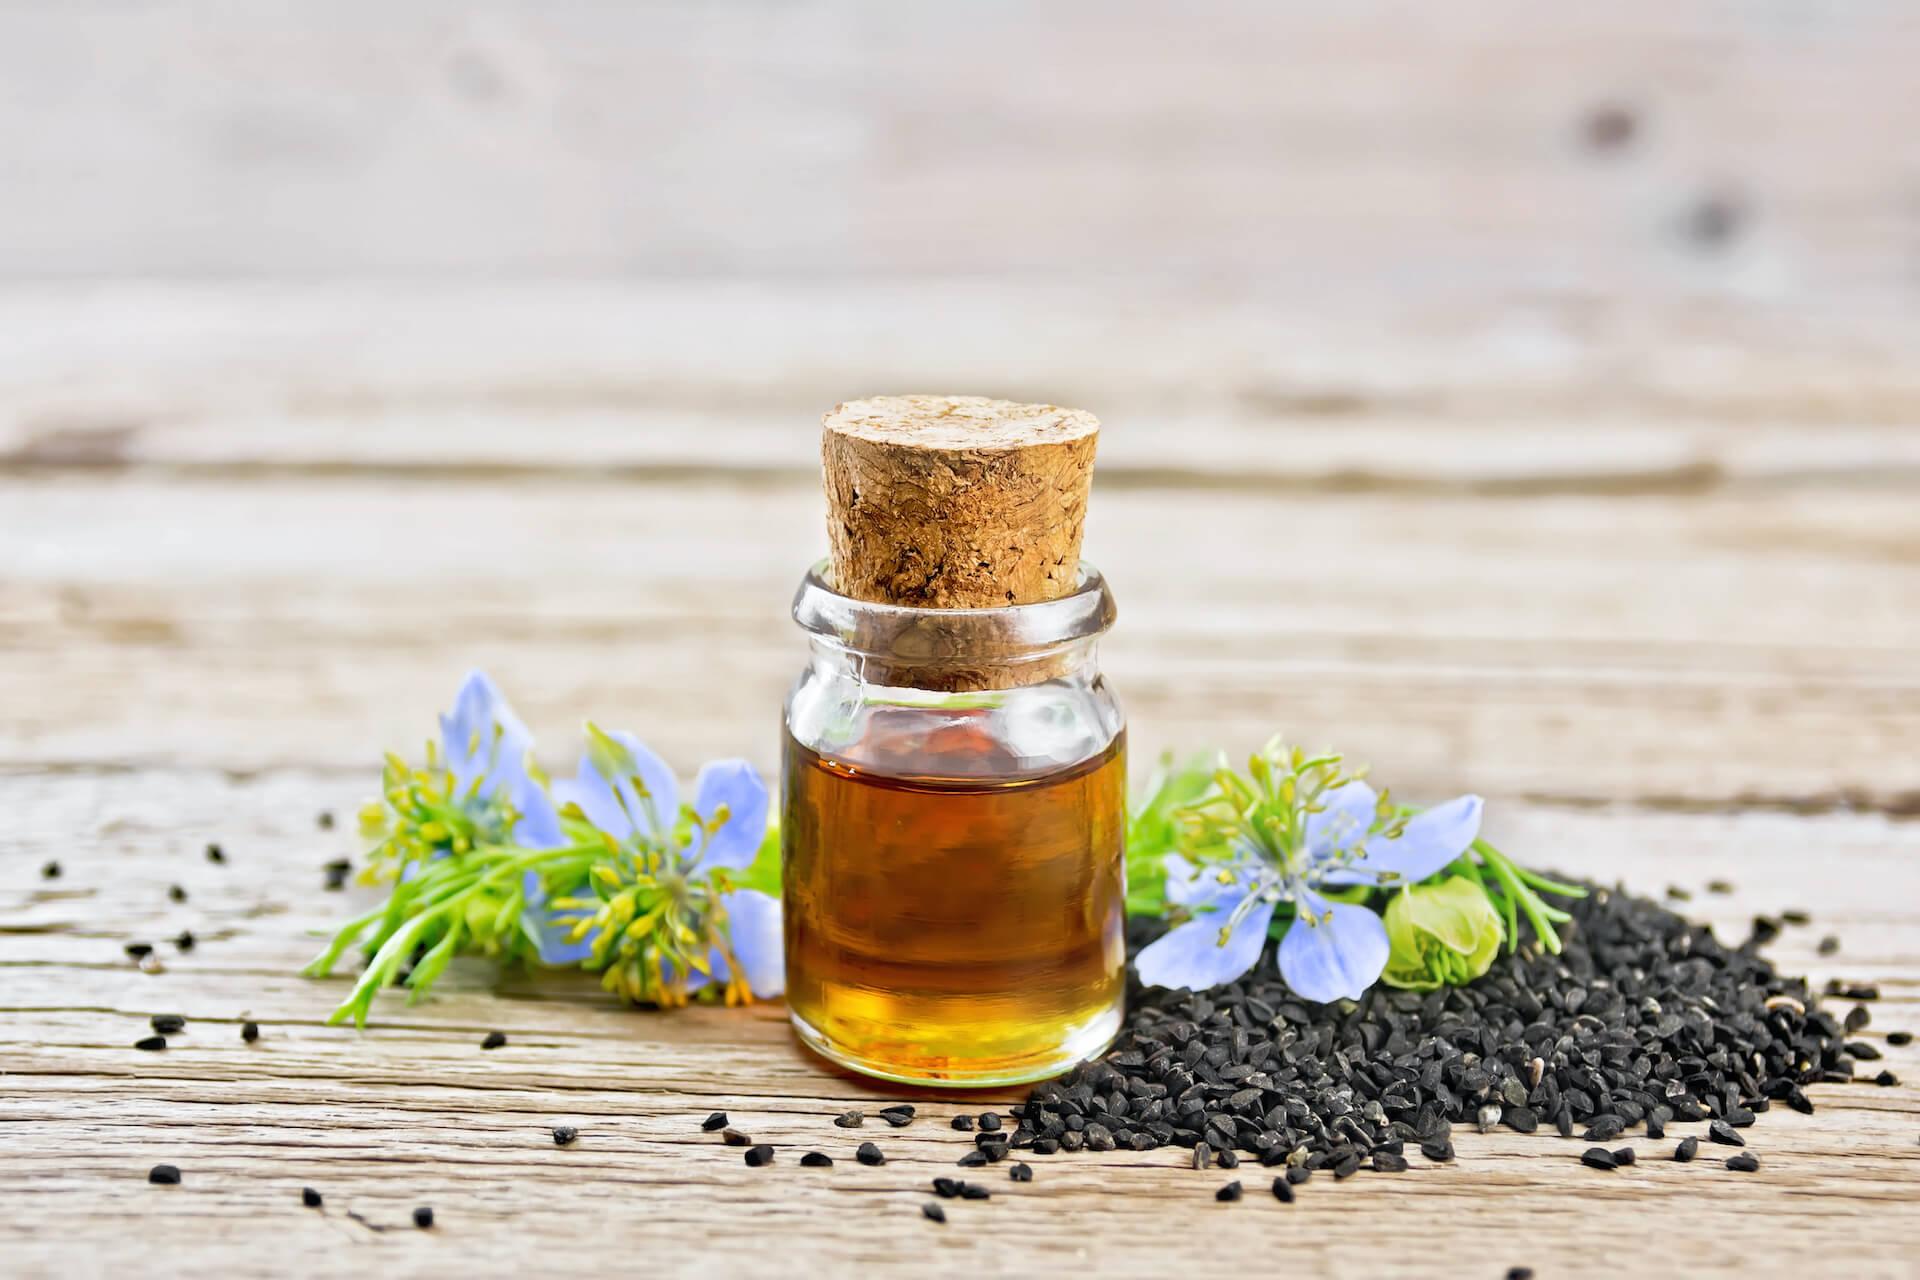 Fitosalus centar, fitoterapija, aromaterapija, prirodno liječenje,, ulje crnog kima